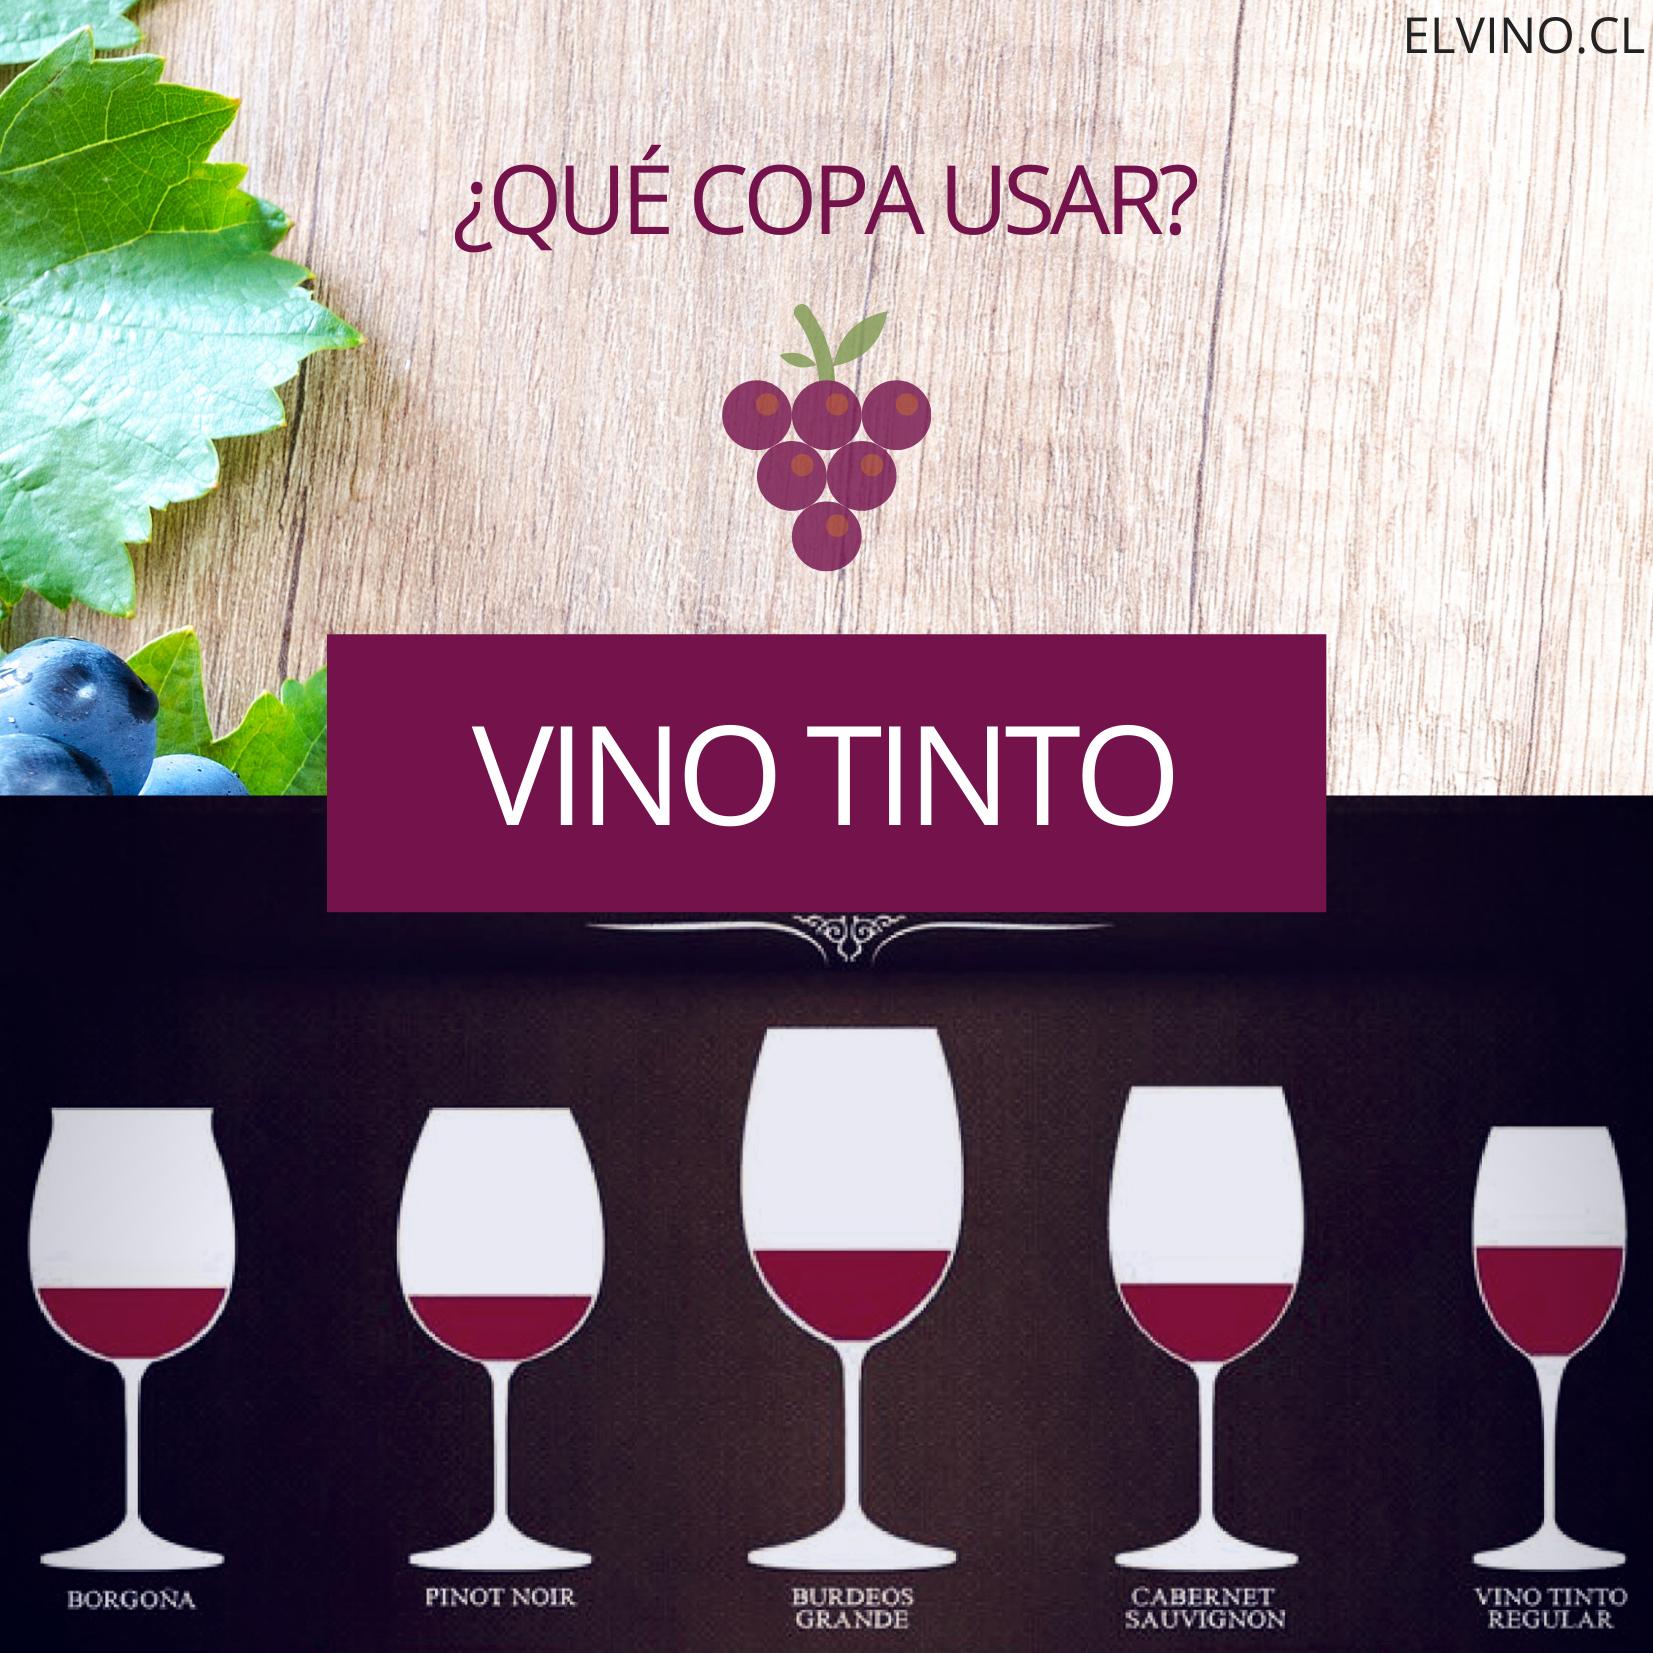 ¿Qué copas se usan para un vino tinto?